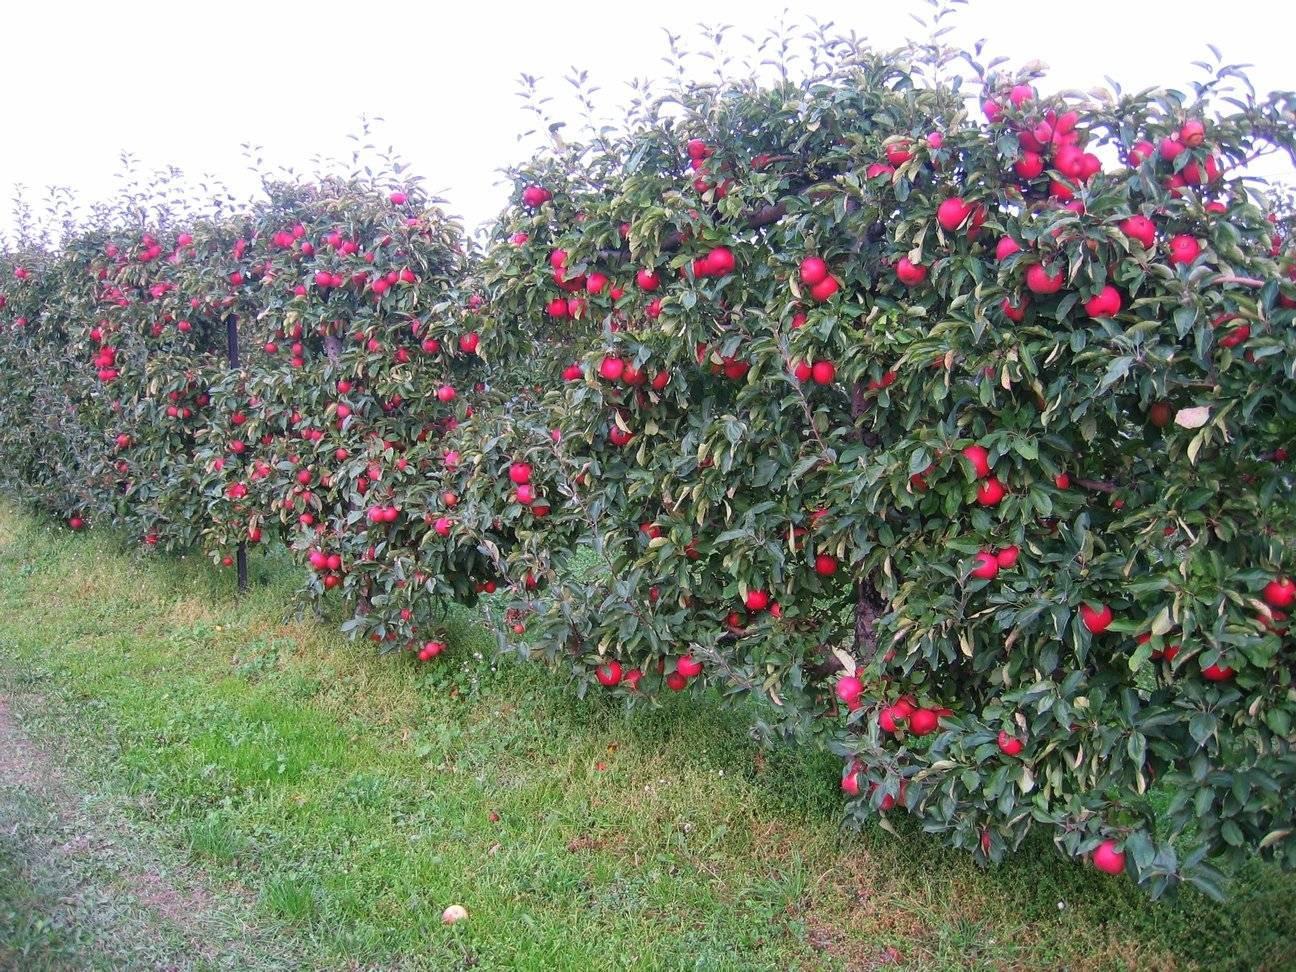 Описание и характеристики яблони сорта граф эззо, достоинства и недостатки, урожайность